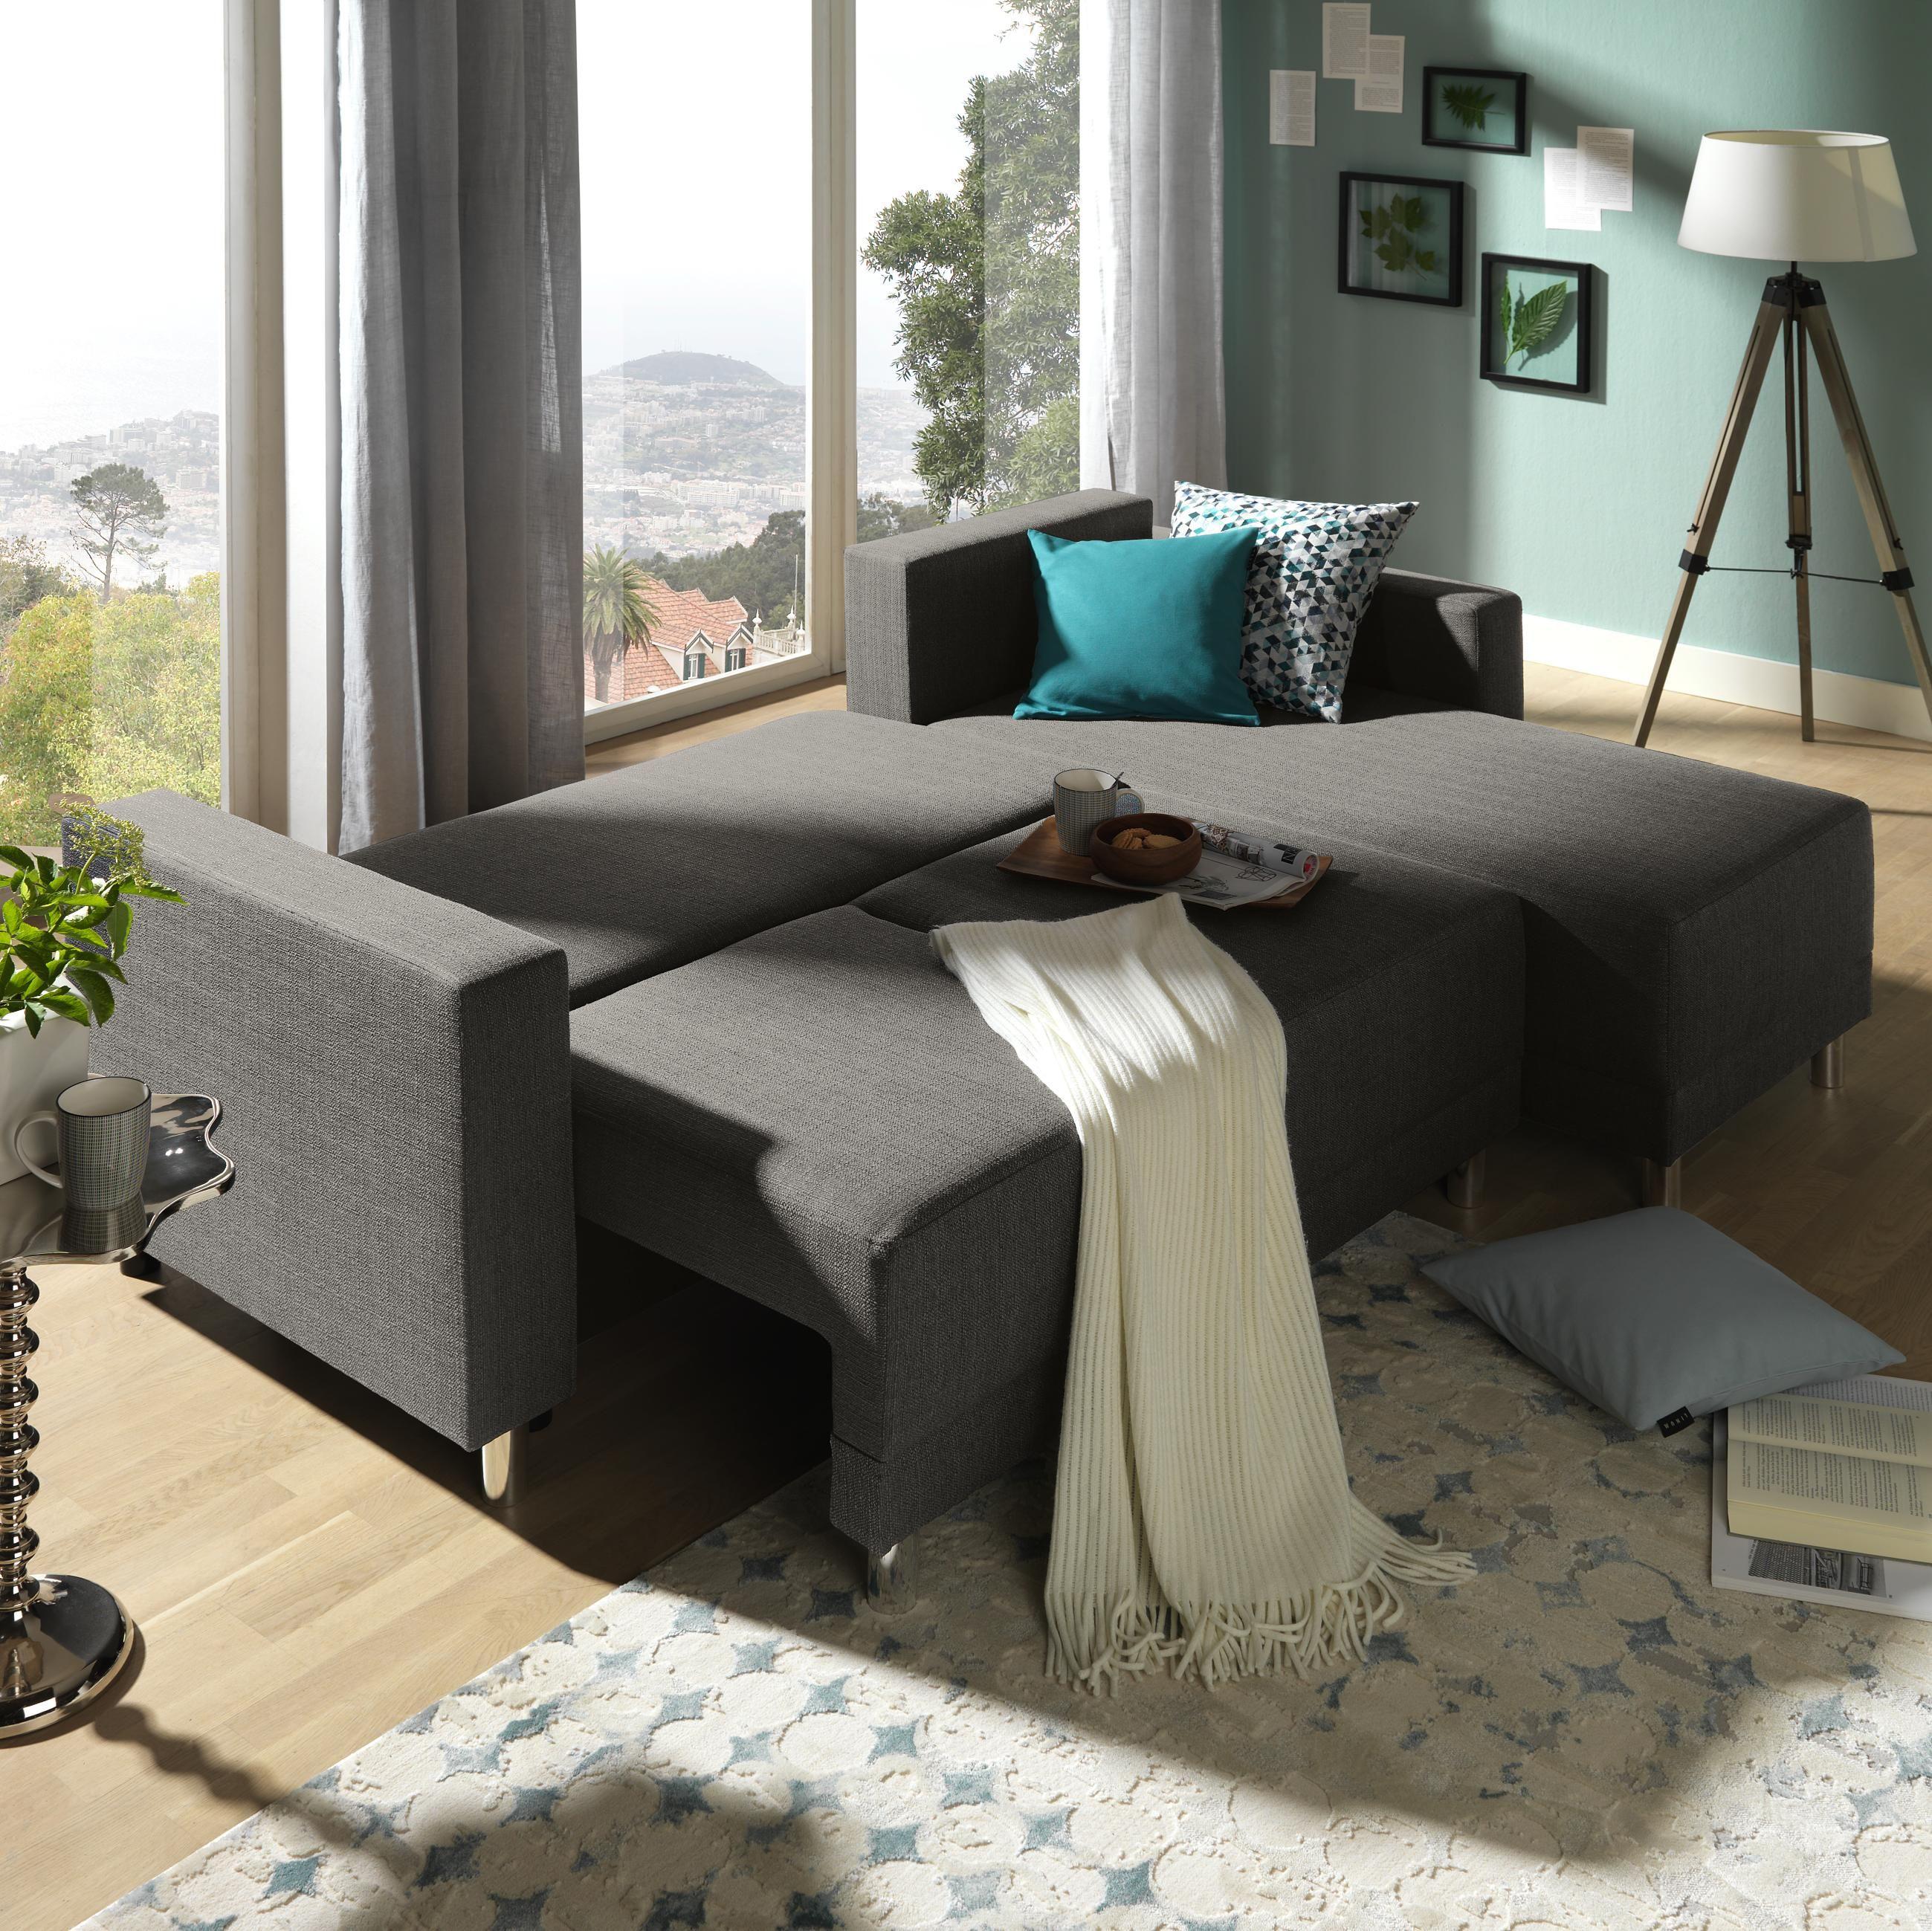 Wohnlandschaft In Grau Textil Pinterest